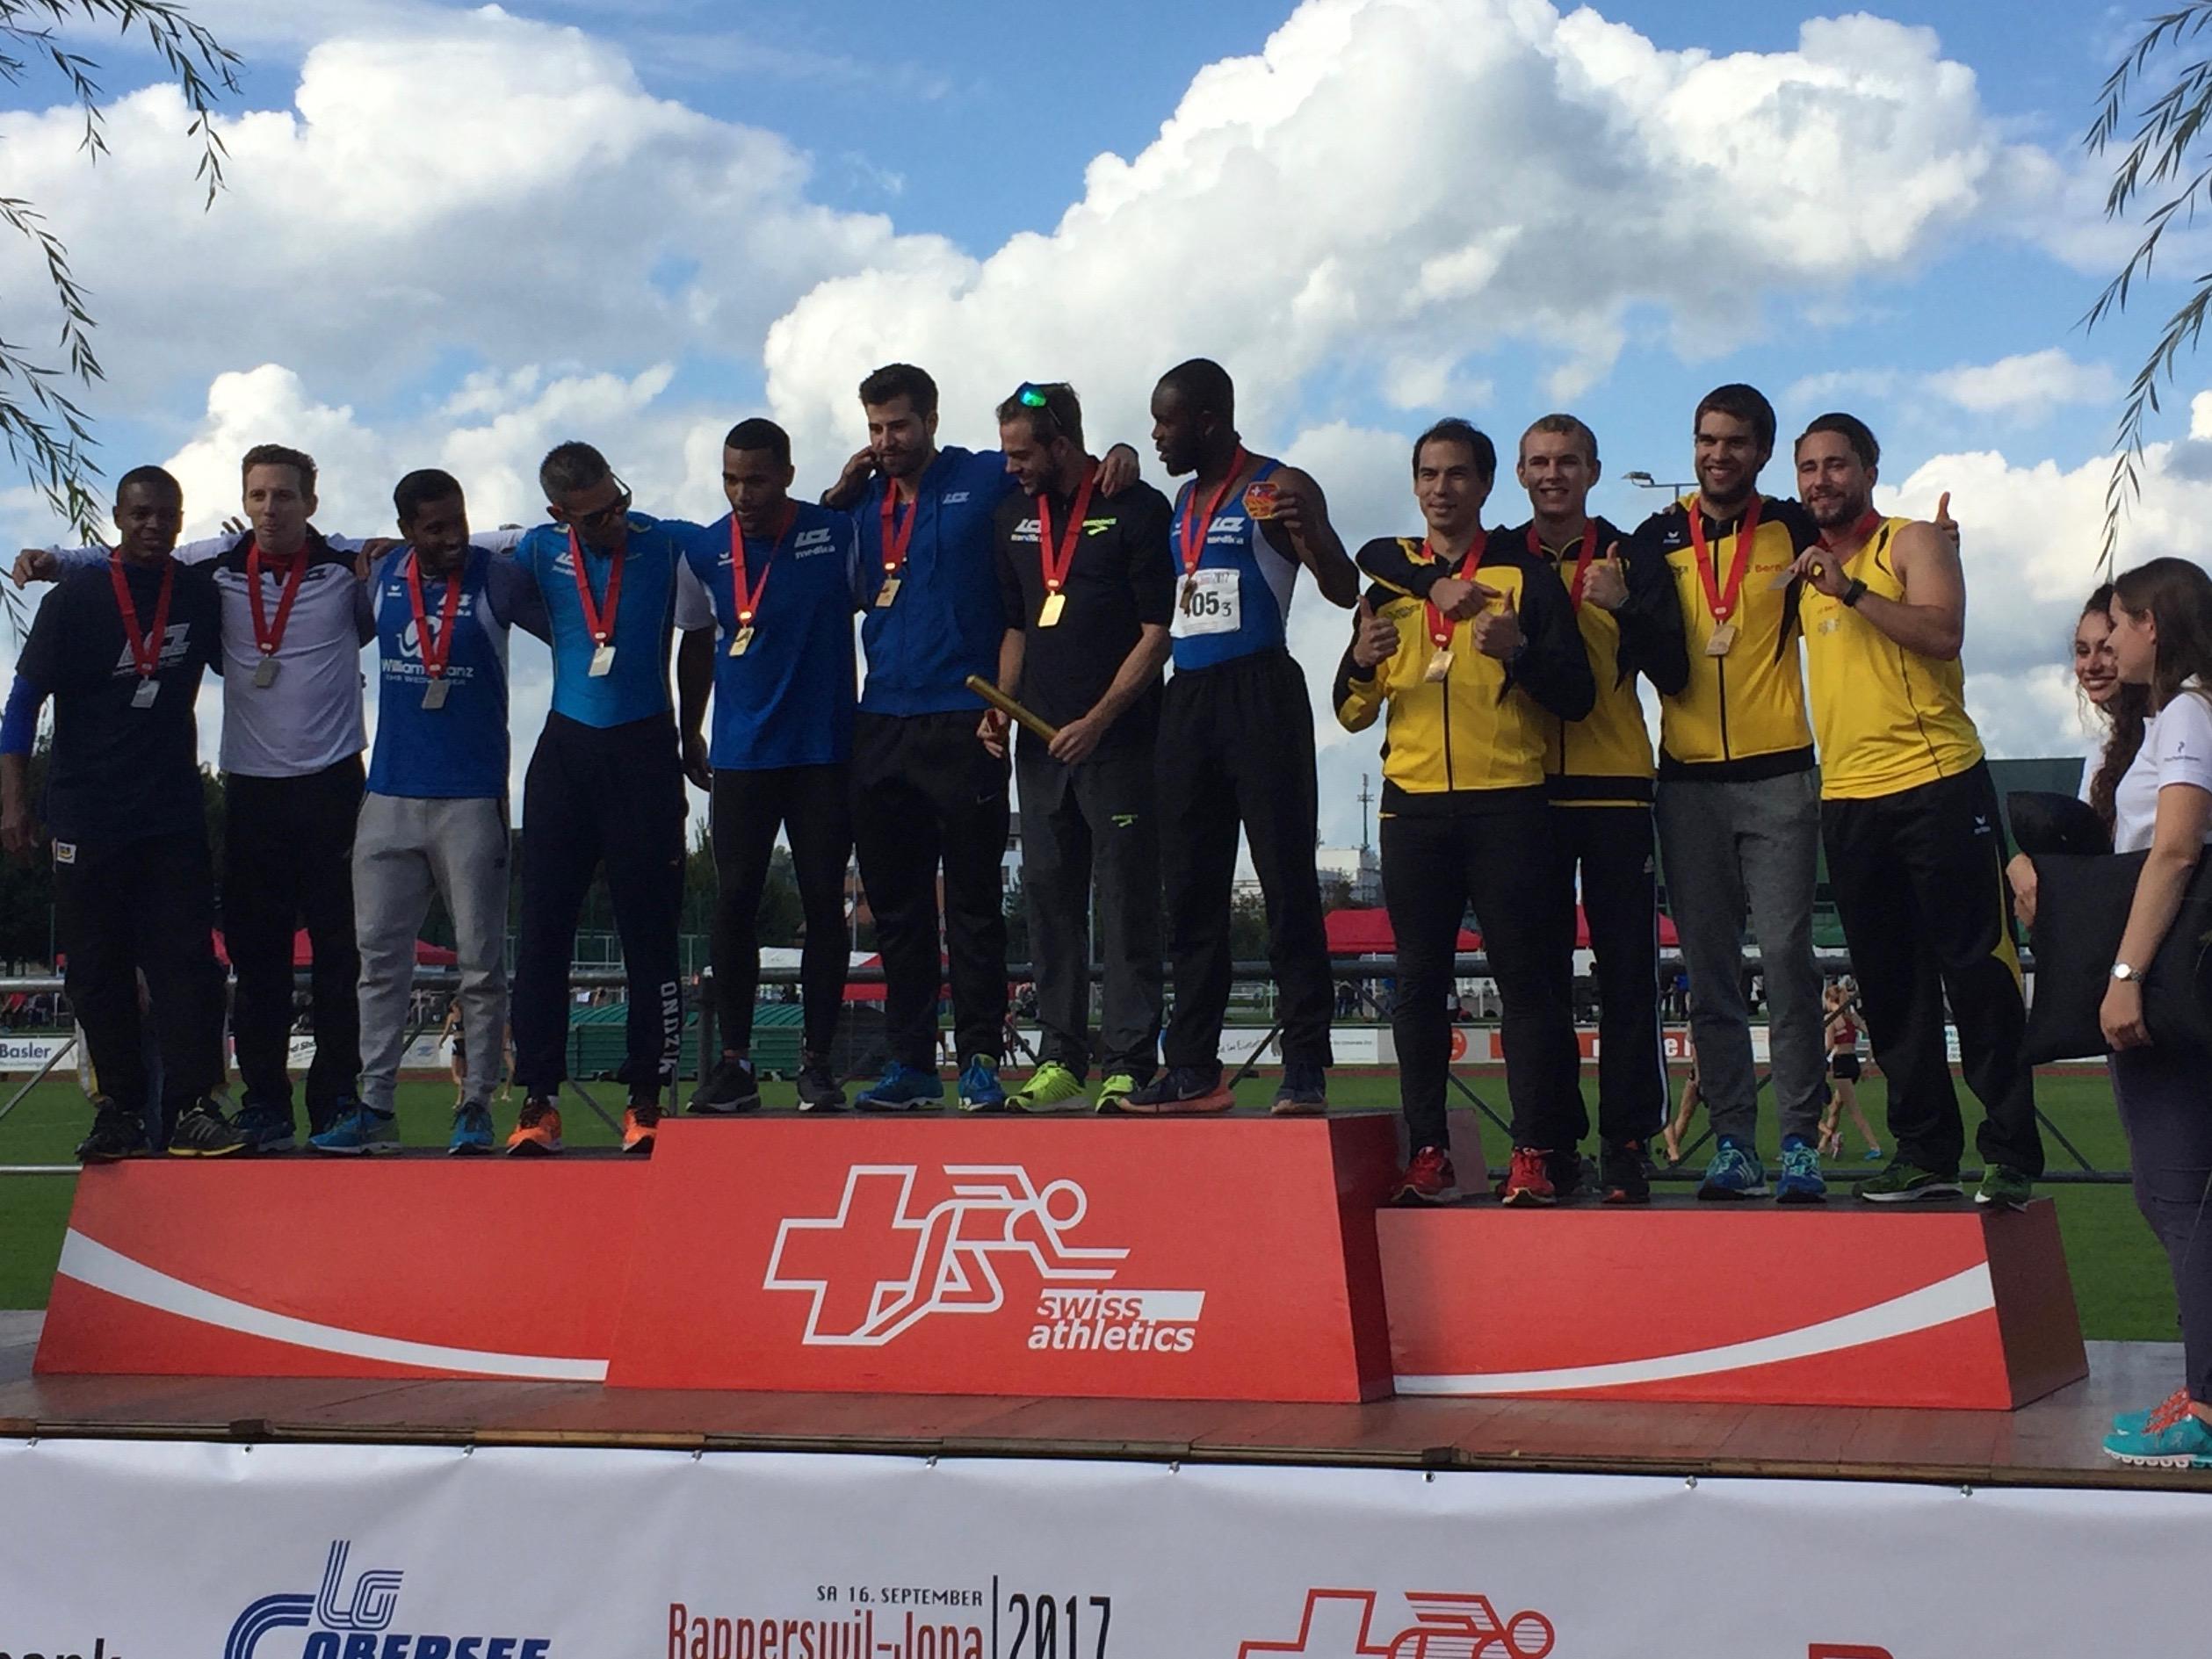 Die Medaillengewinner posieren auf dem Podest an den Schweizer Staffel-Meisterschaften 2017 in Jona